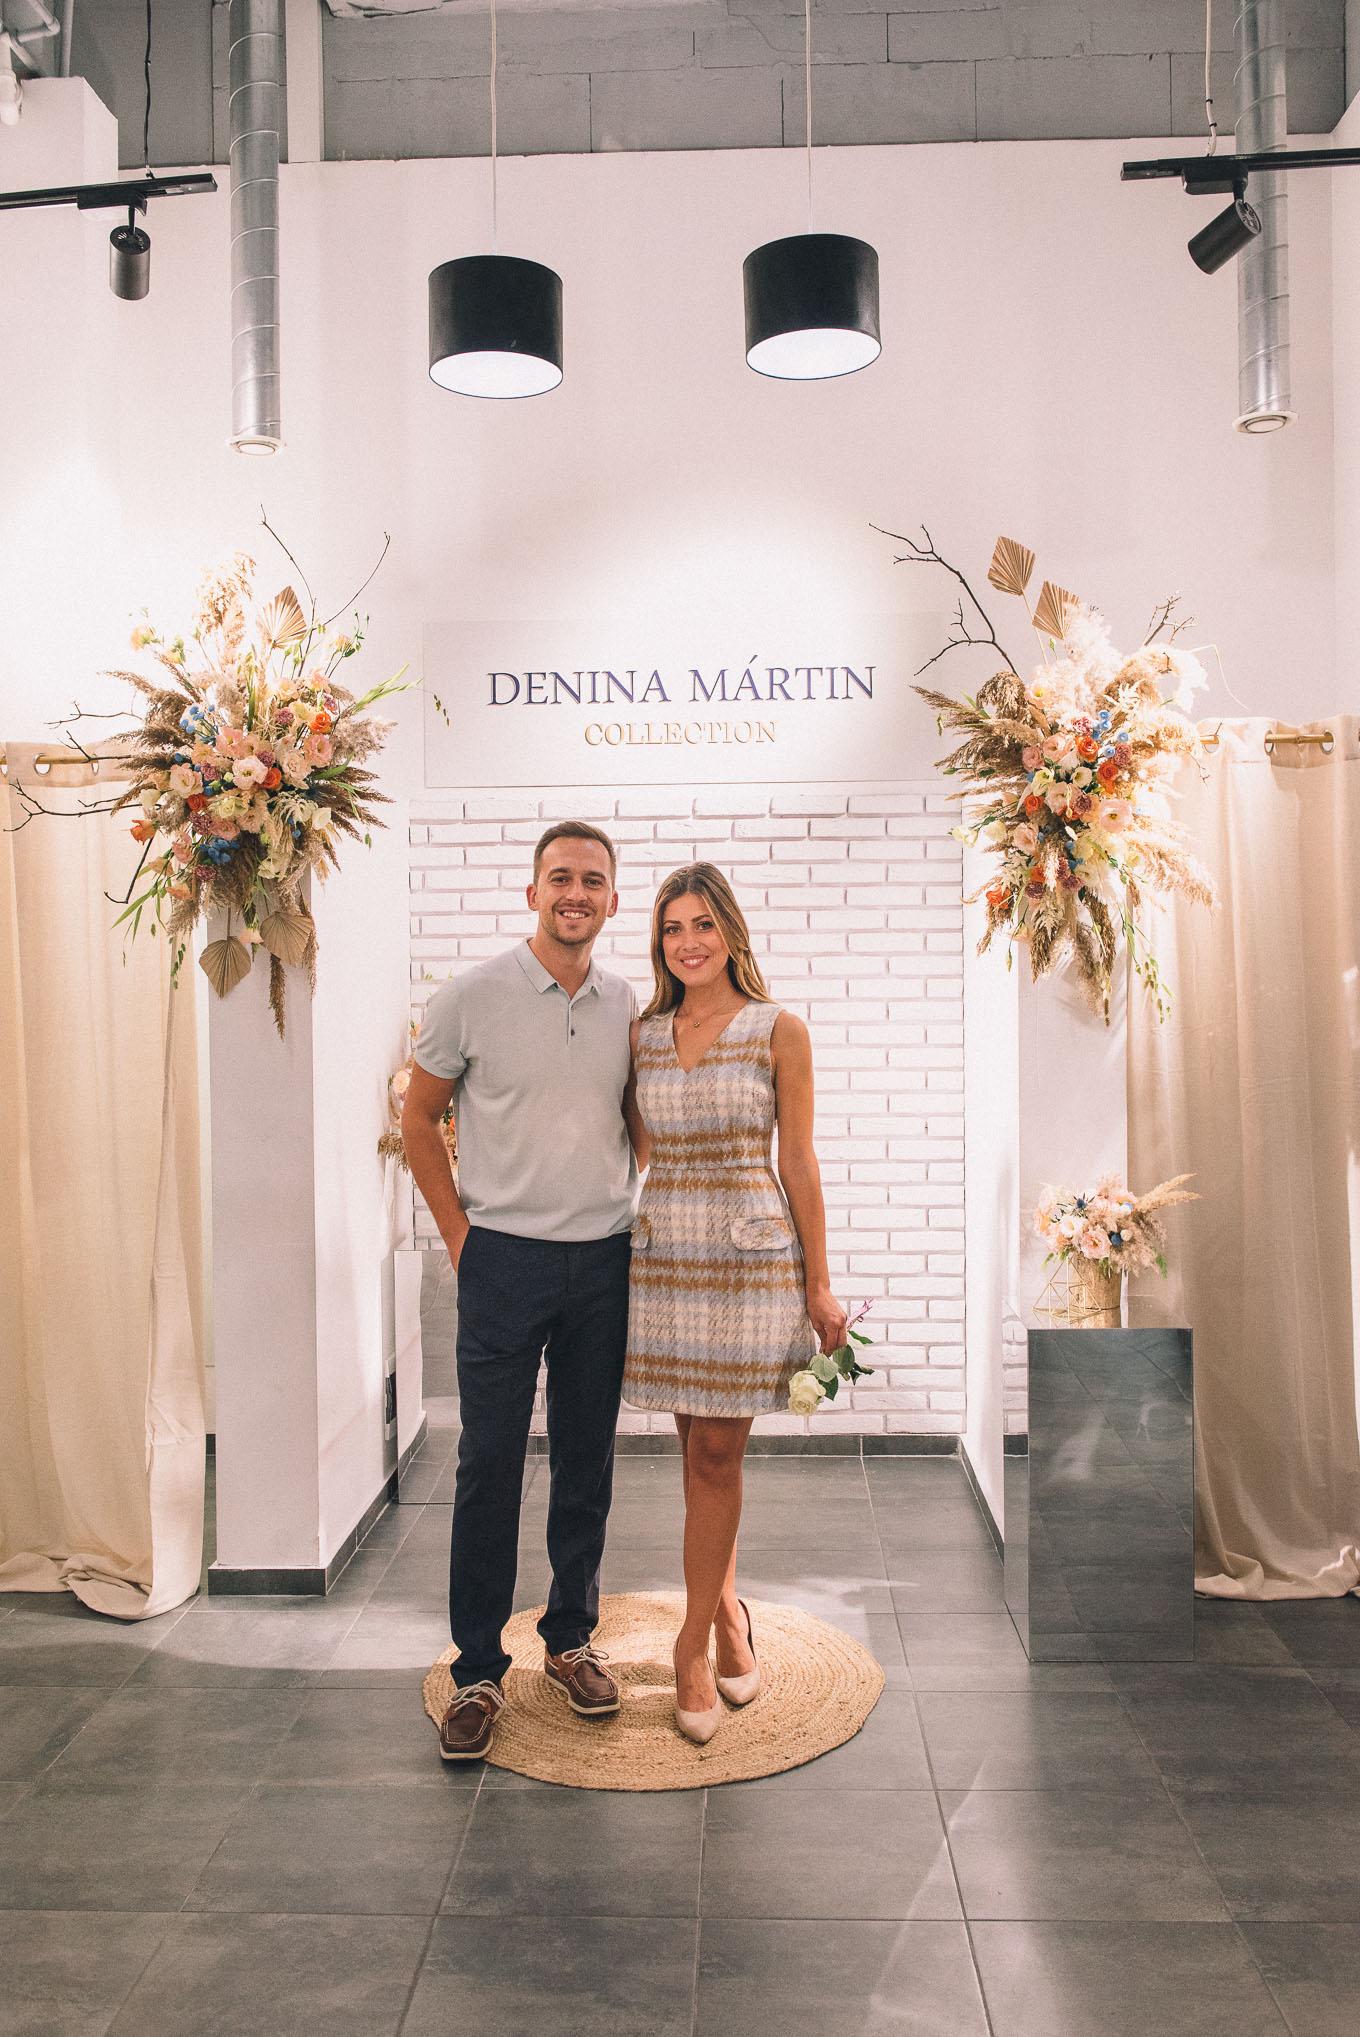 Denina and Ron